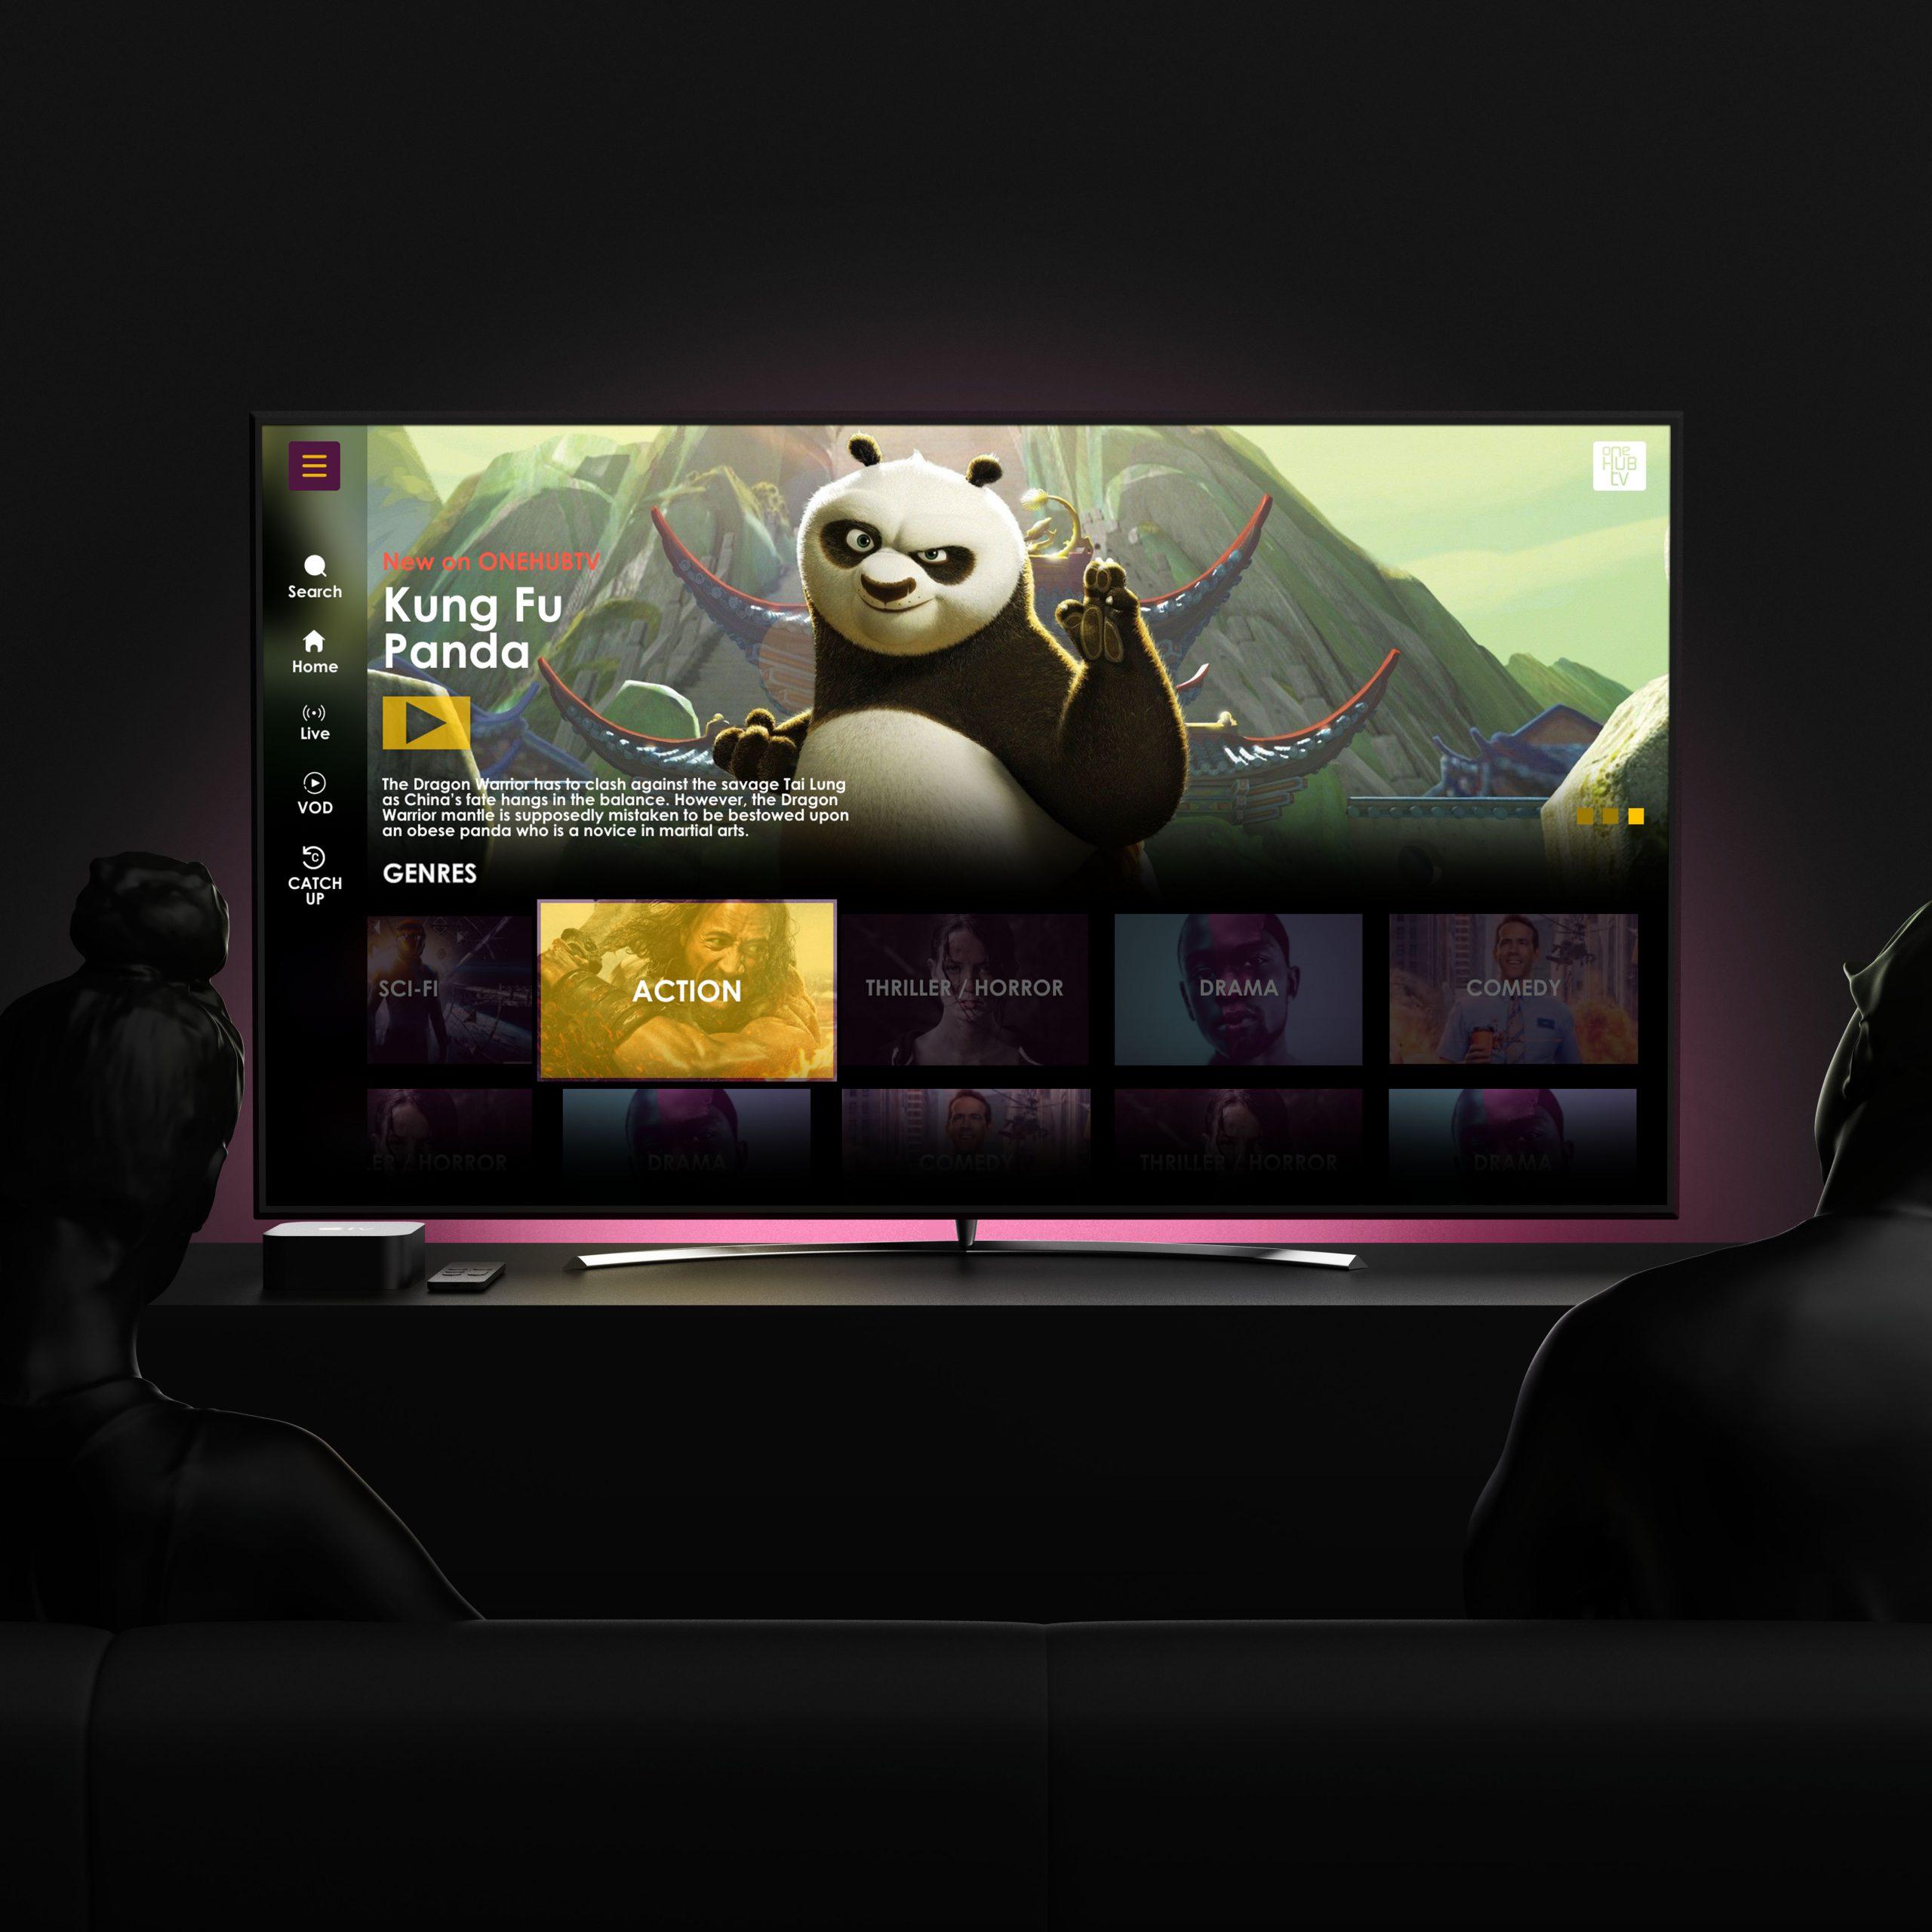 ONEHUBTV UI/UX Design by Devatium.com